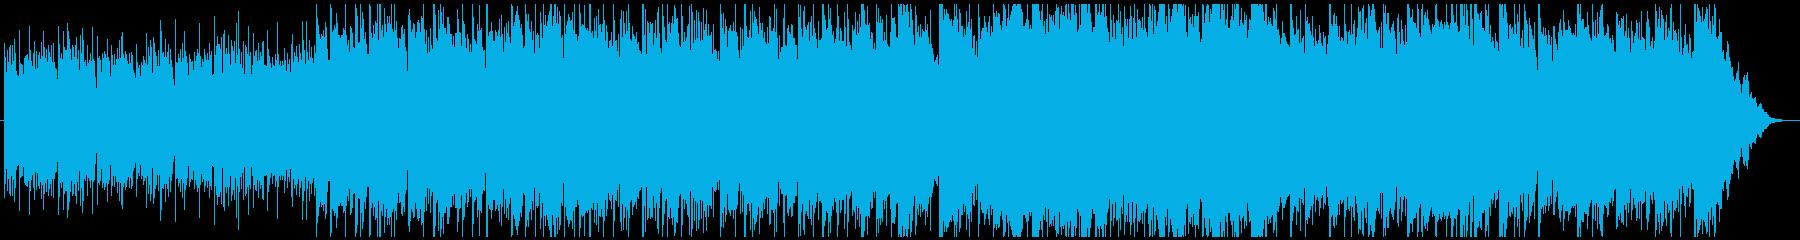 幻想的なヒーリング民族音楽の再生済みの波形